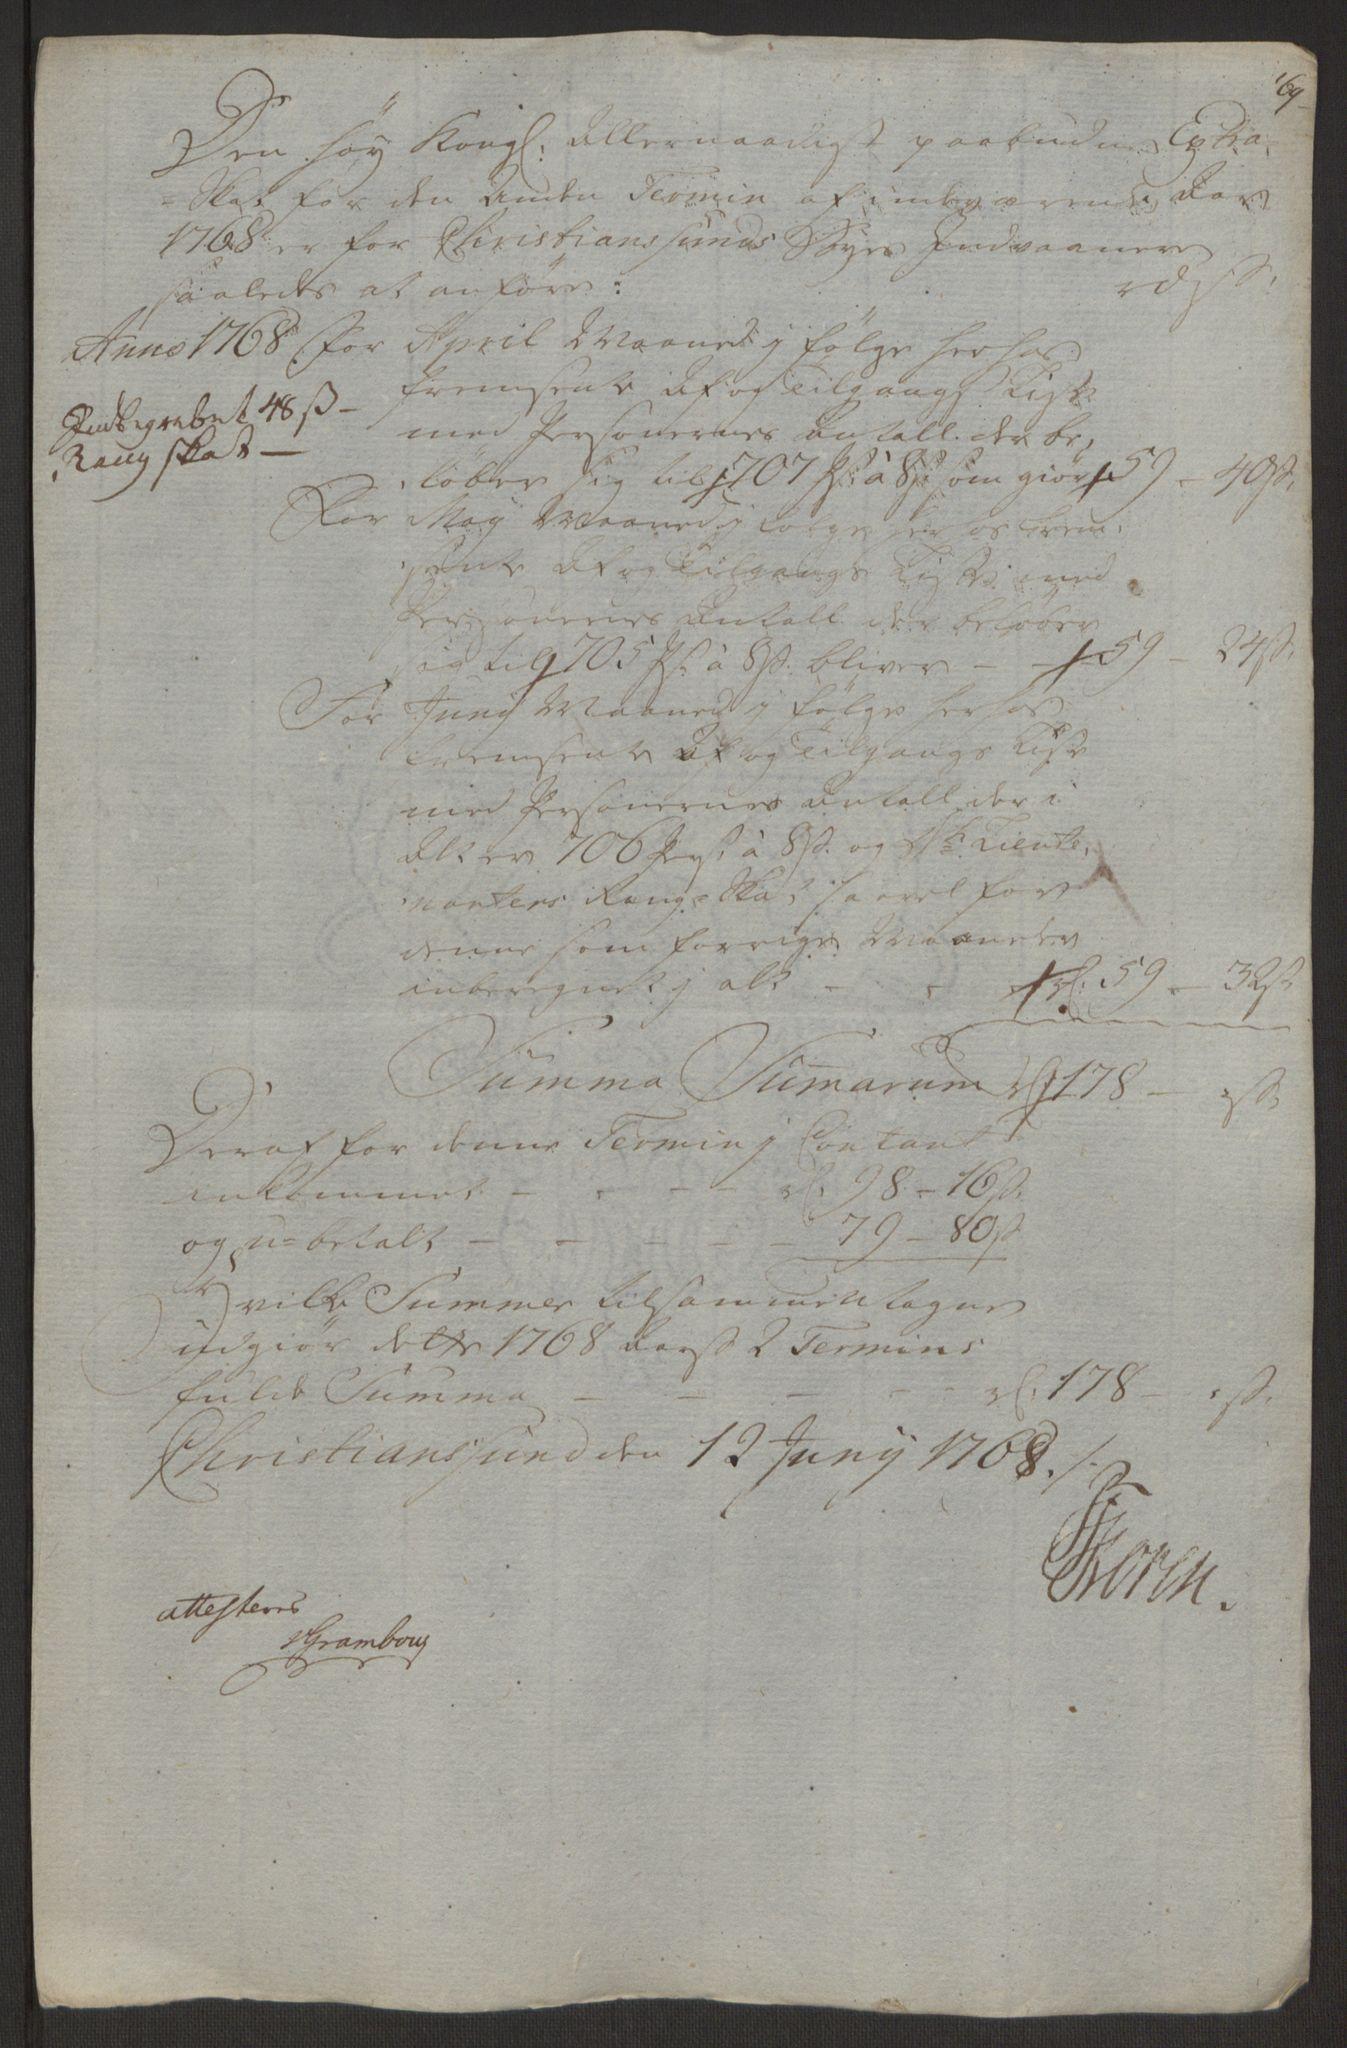 RA, Rentekammeret inntil 1814, Reviderte regnskaper, Byregnskaper, R/Rr/L0495: [R1] Kontribusjonsregnskap, 1762-1772, s. 188